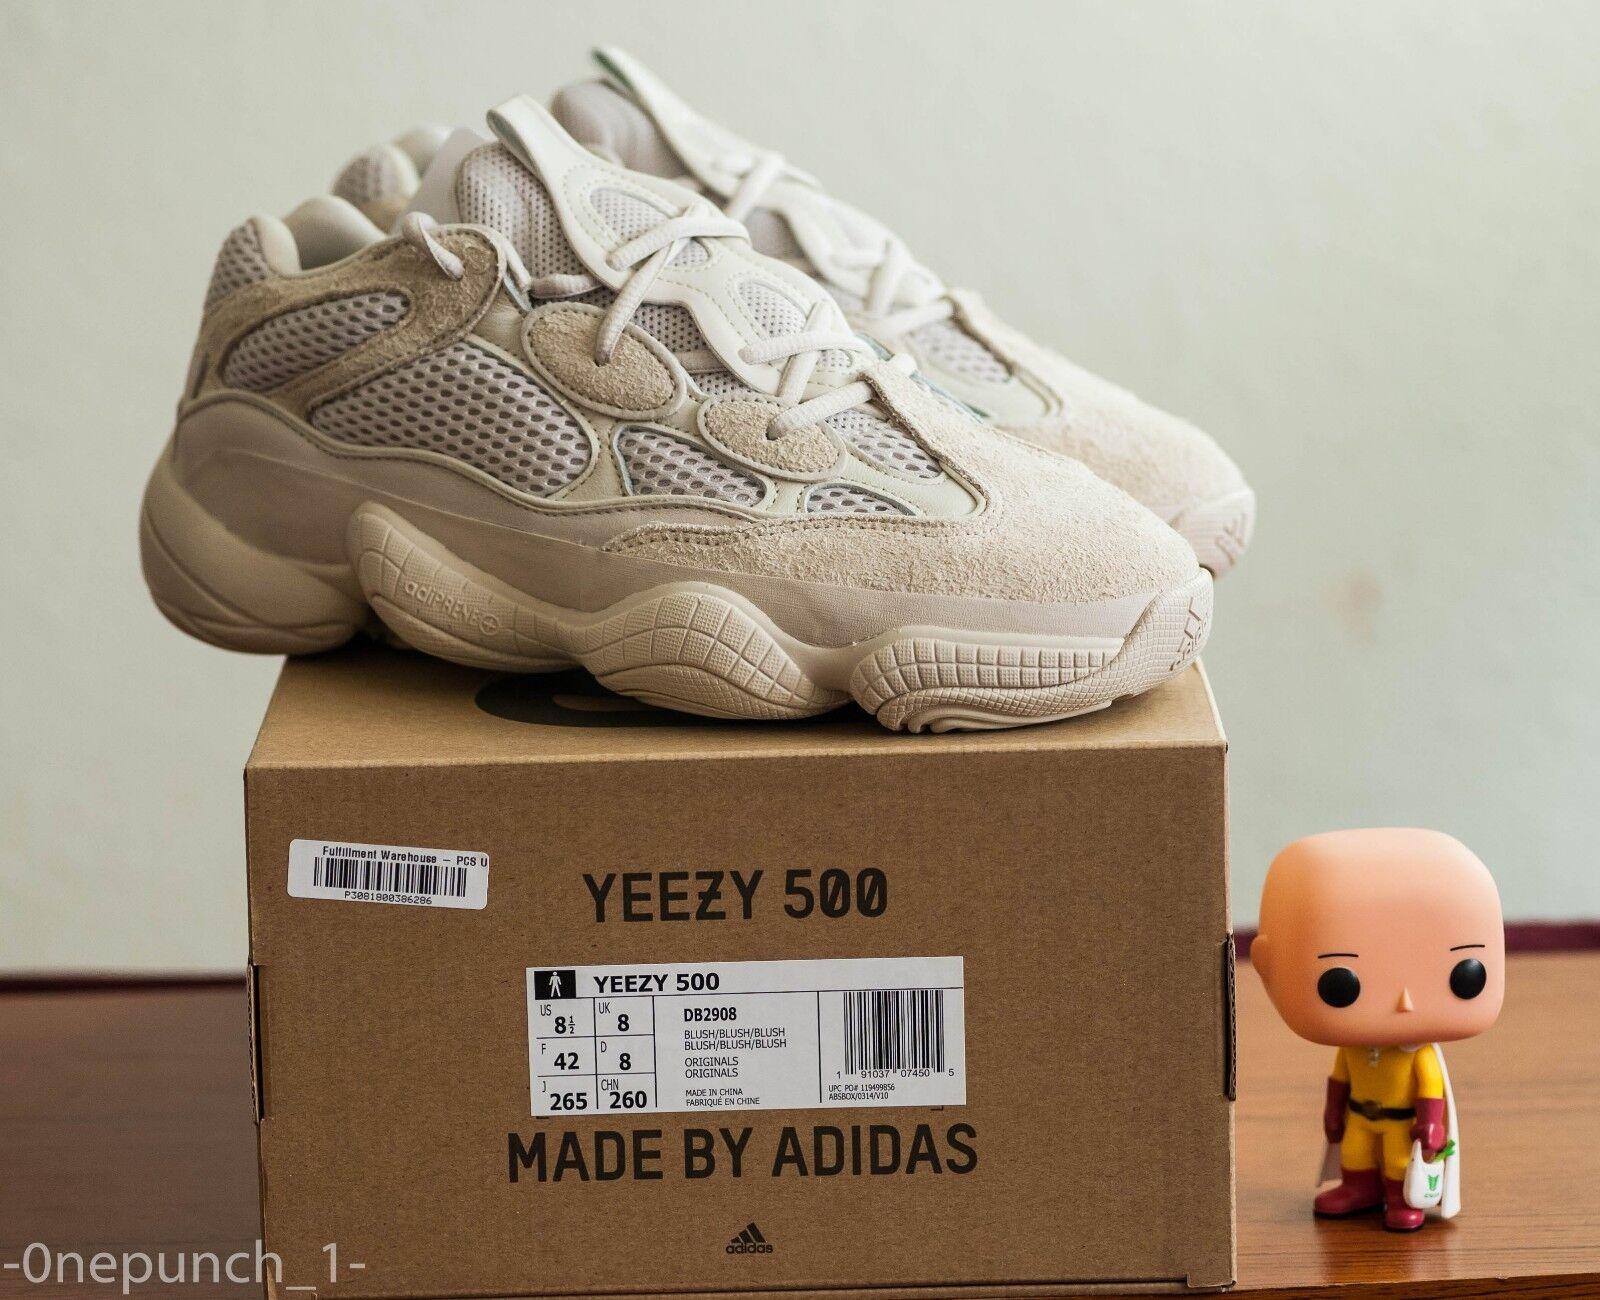 DS Adidas Yeezy 500 8.5 bluesh 350 v2 700 750 desert rat boost crepe